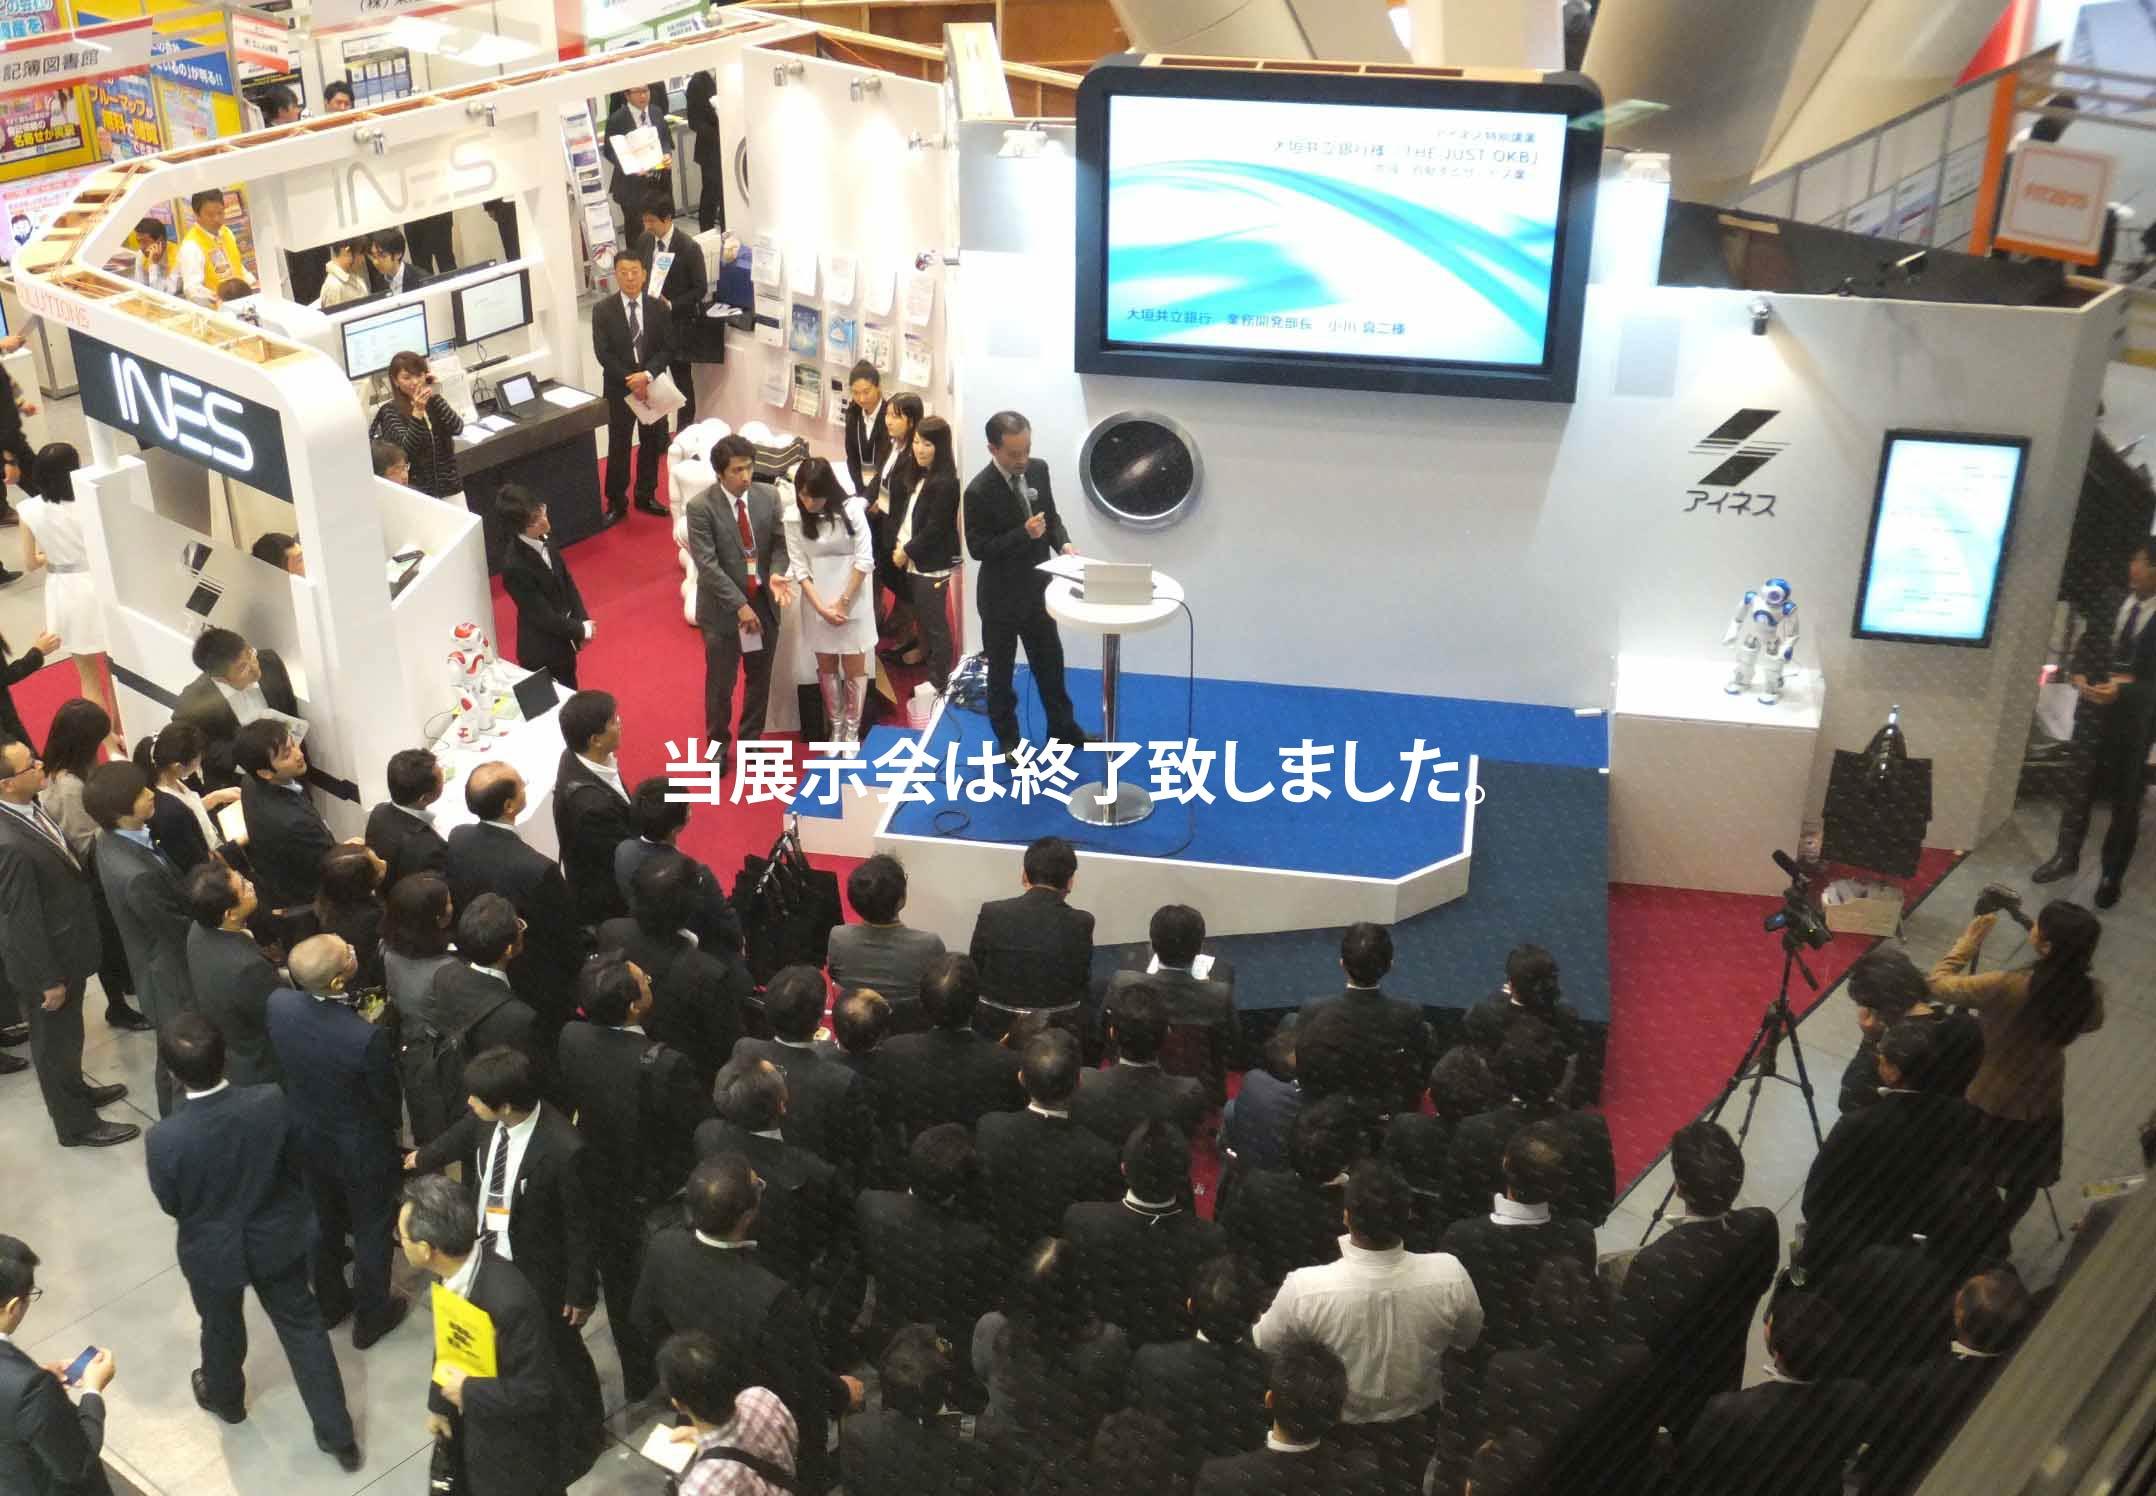 【10/15(木)-16(金)開催】『FIT2015金融国際情報技術展』出展のお知らせ